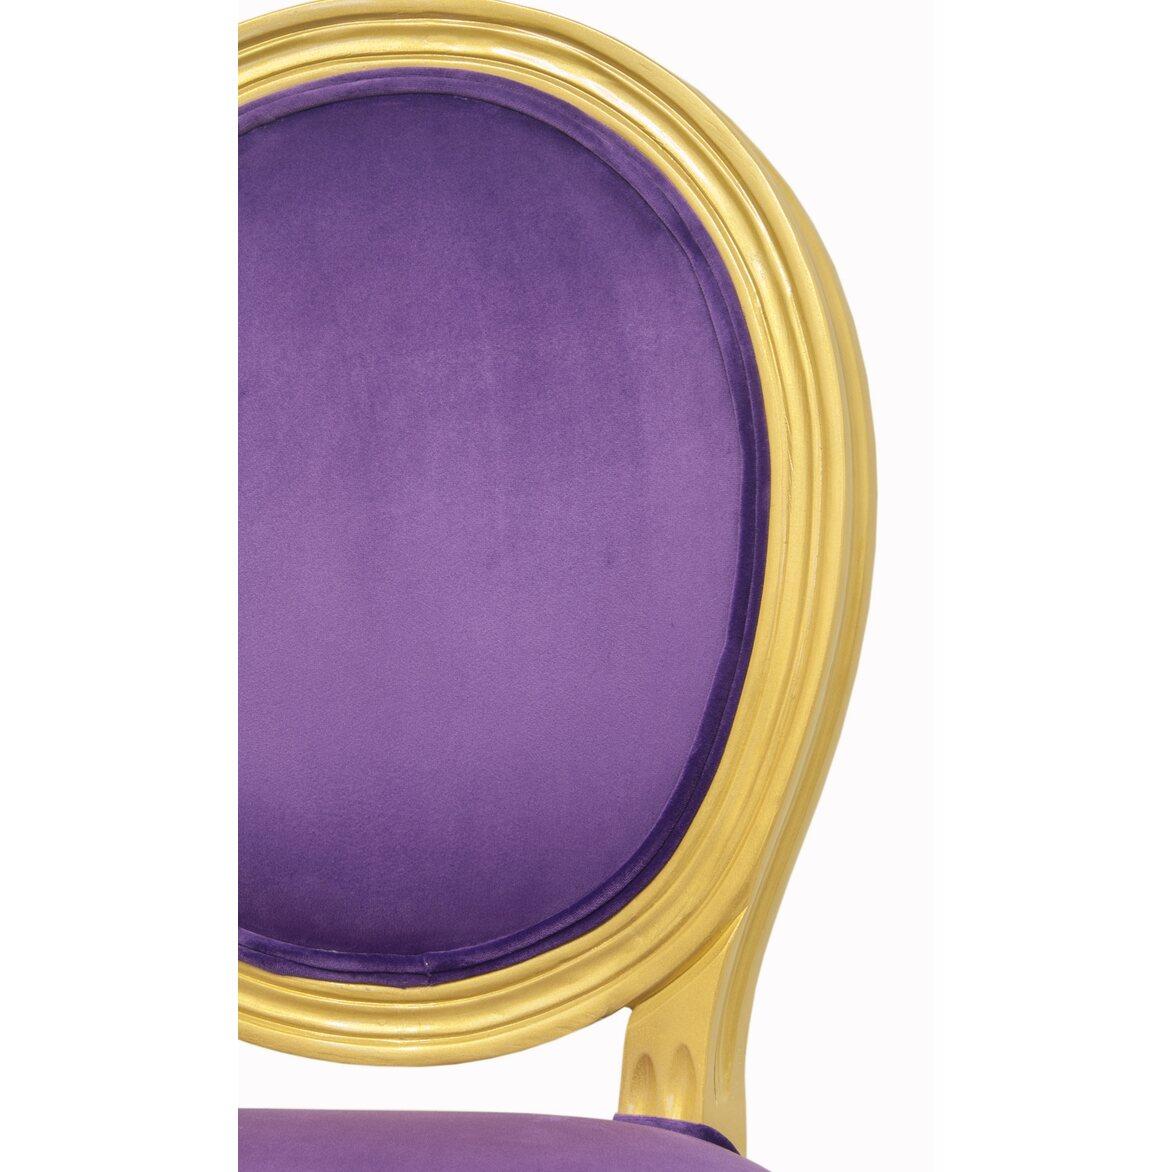 Стул Volker violet gold 6 | Обеденные стулья Kingsby